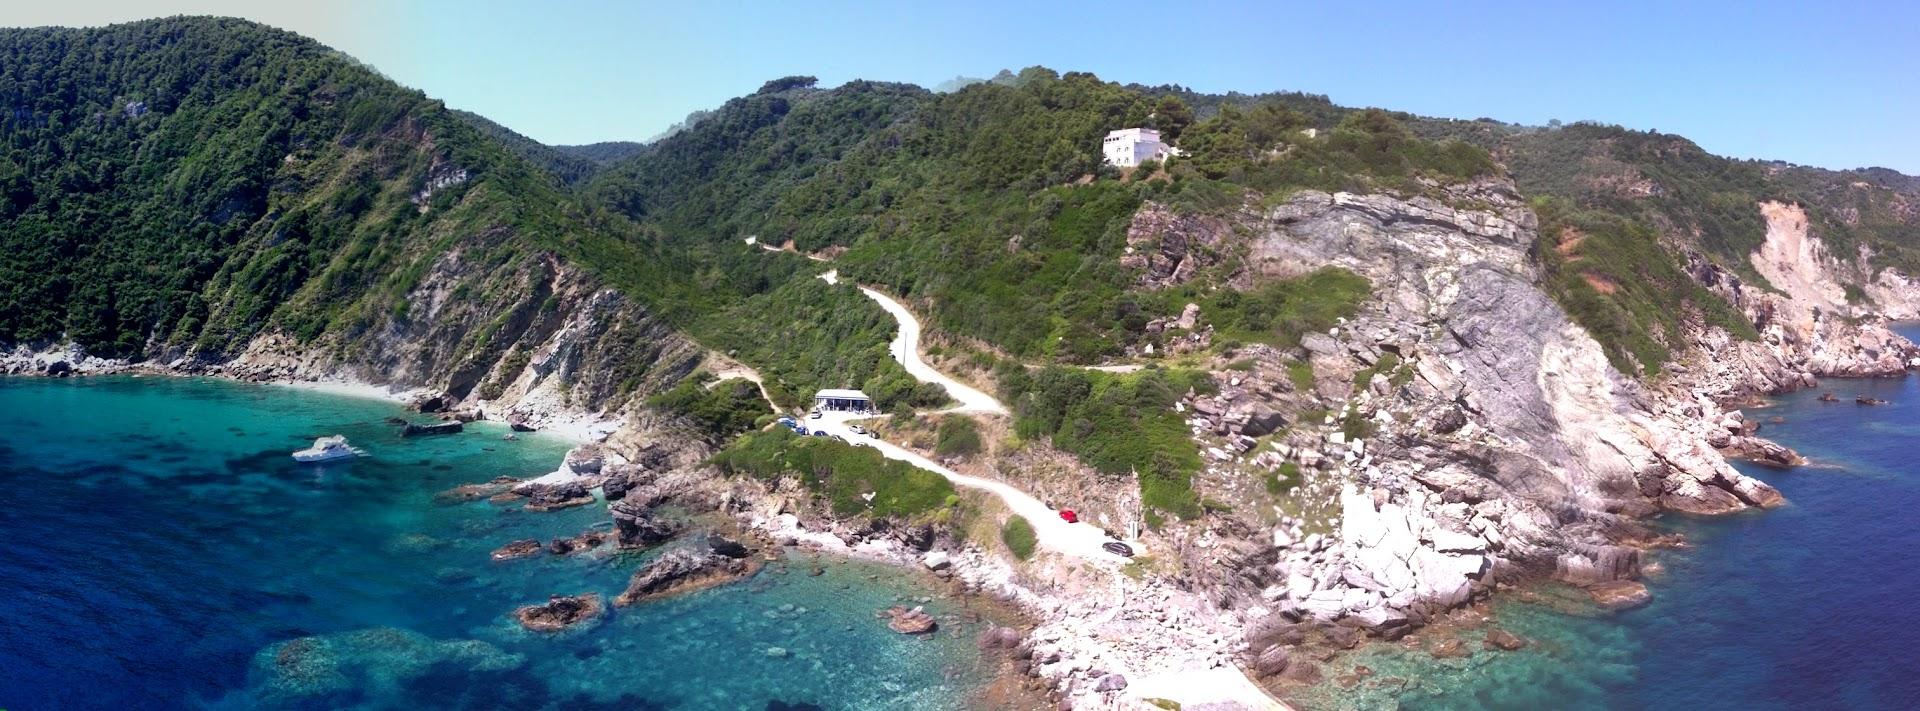 spiagge isola skopelos